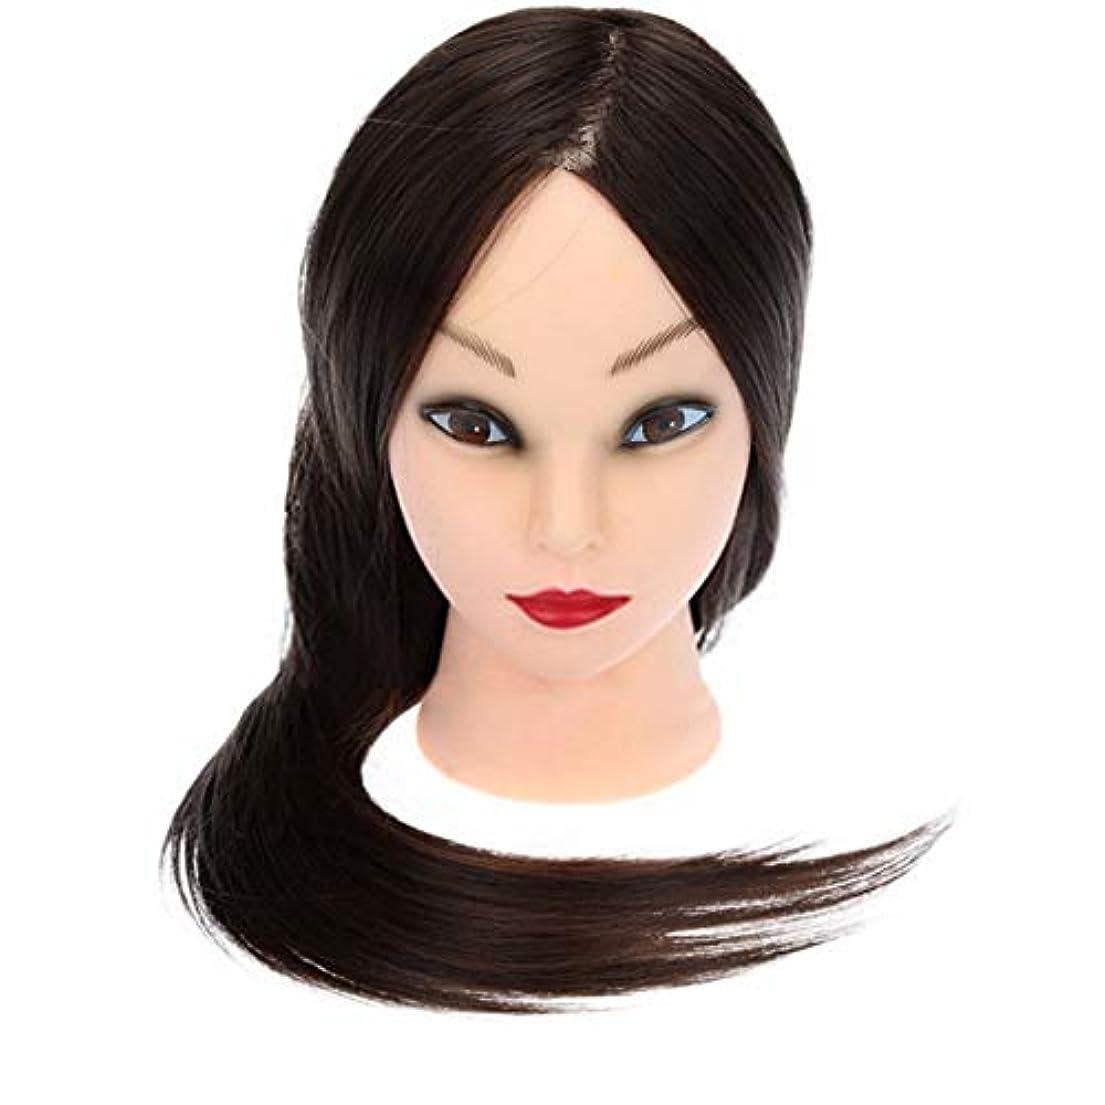 である半径サドル練習ディスク髪編組ヘアモデル理髪店スクールティーチングヘッドロングかつら美容マネキンヘッド